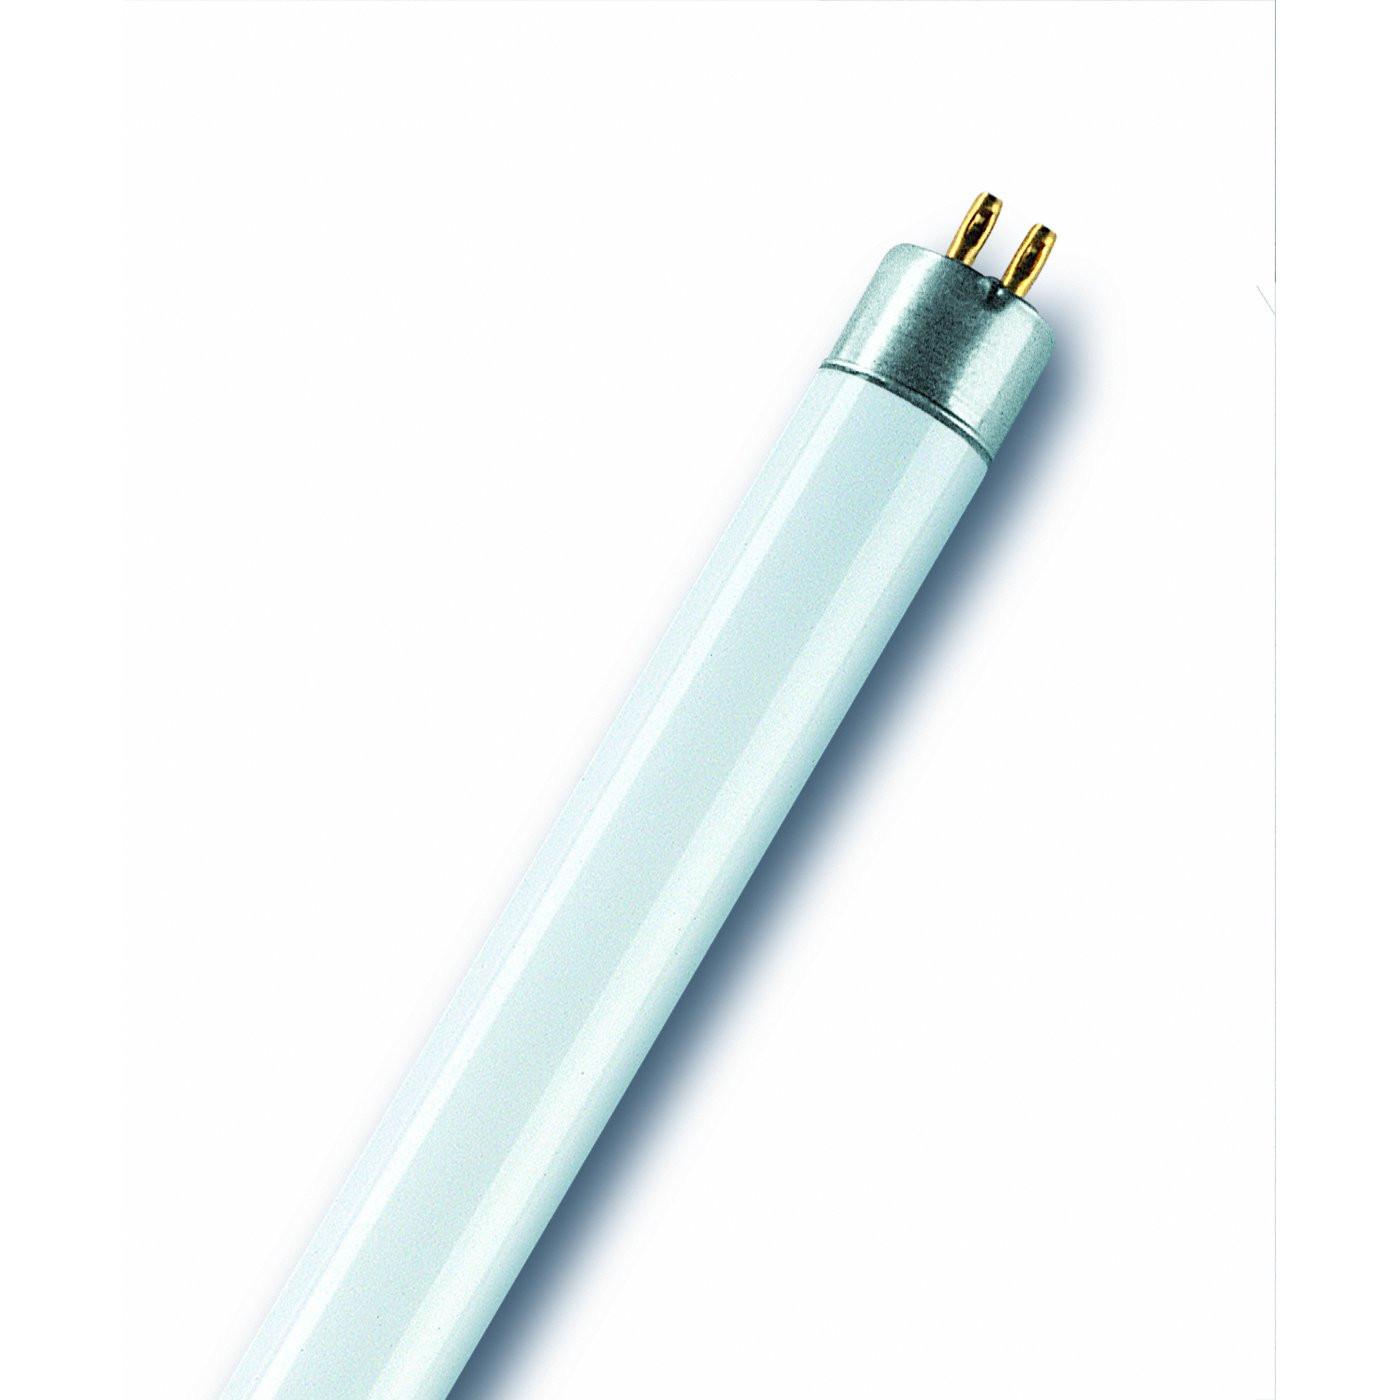 Osram Leuchtstofflampe Röhrenform T16 35W/827 G5 HE hohe Lichtausbeute warmweiß extra